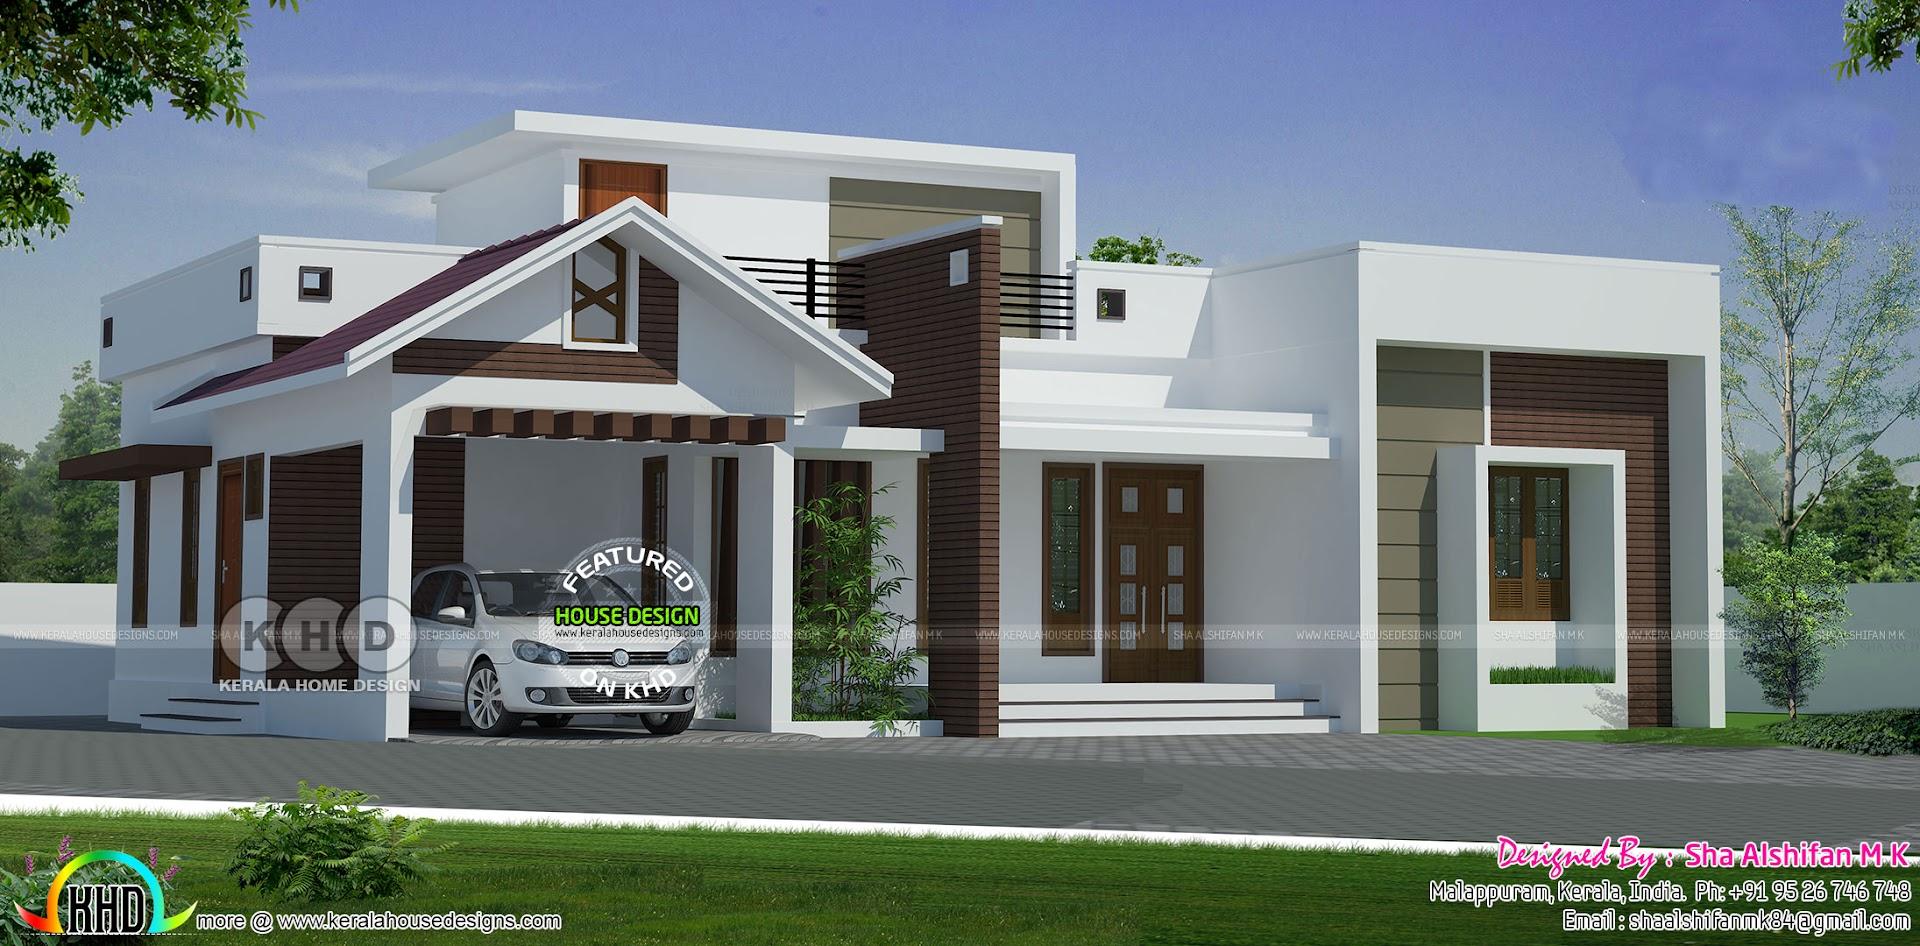 1215 Sq Ft 2 Bedroom Single Floor Home Plan Kerala Home